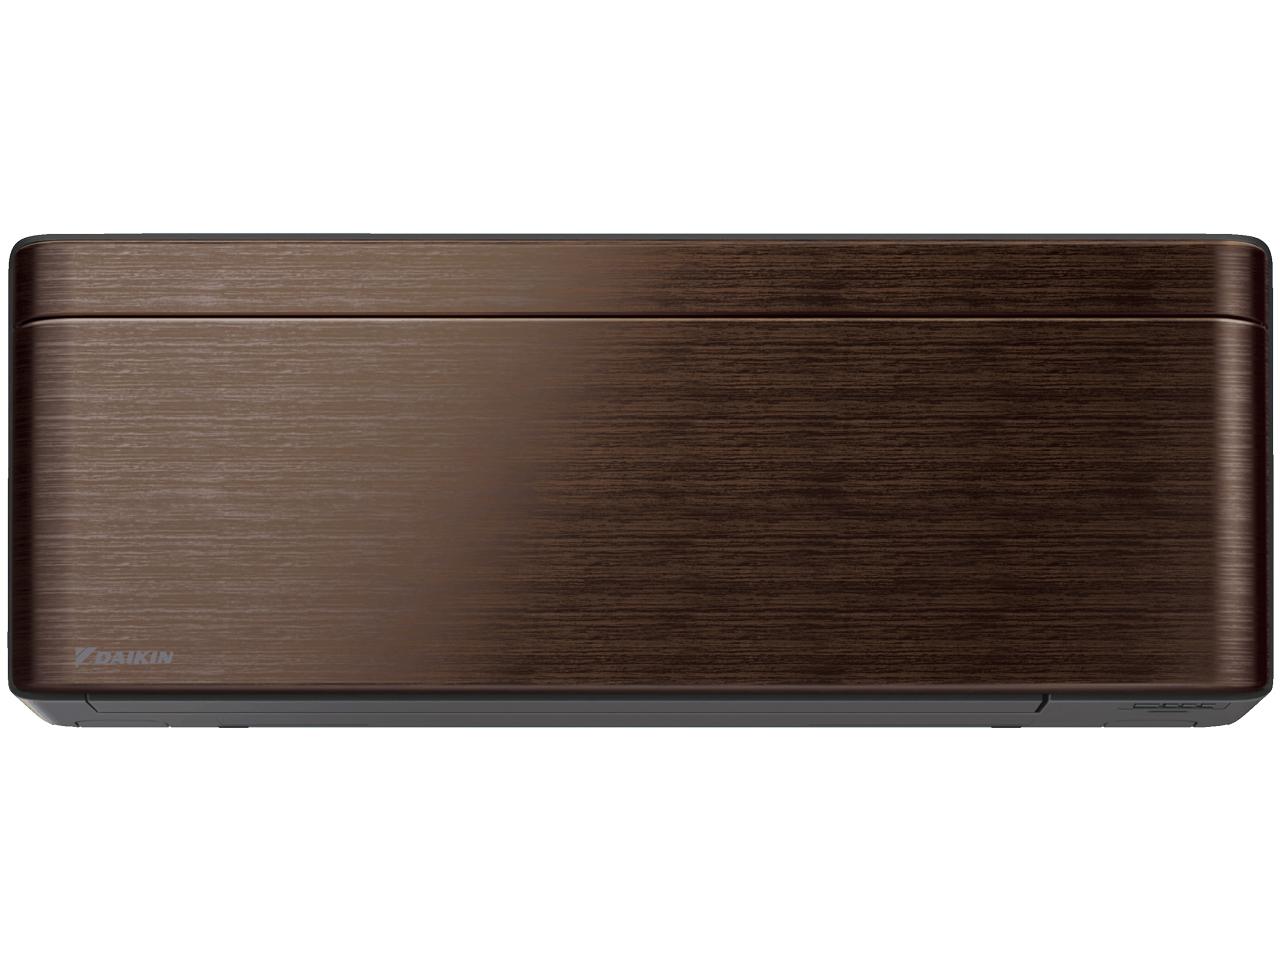 ダイキン S56WTSXP-M 19年モデル SXシリーズ 【200V用】19畳用冷暖房除湿エアコン